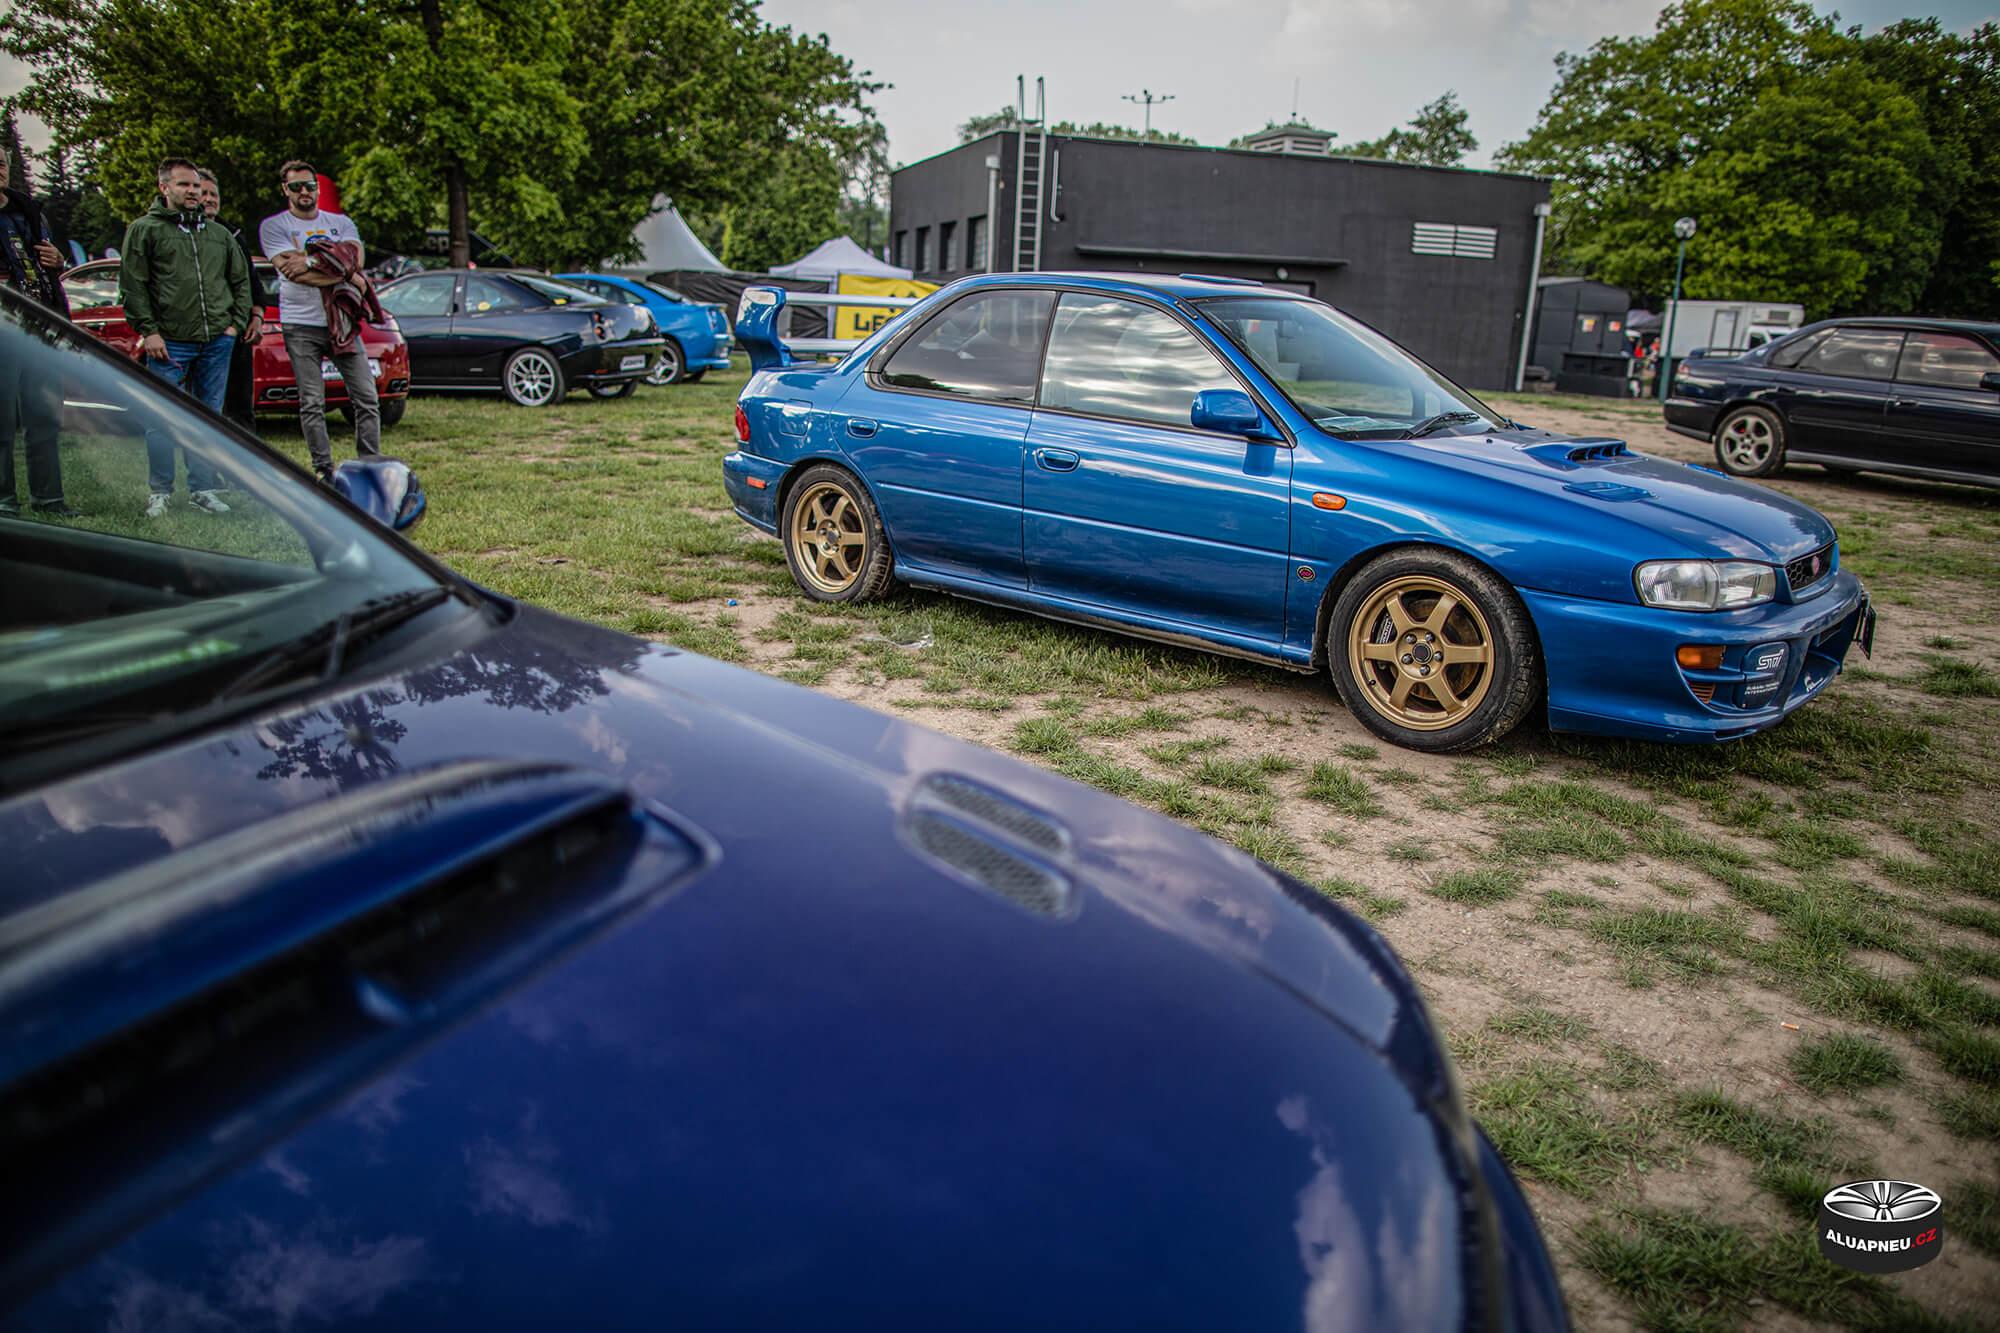 Zlatá alu kola Subaru Impreza STI - Automobilové Legendy 2019 - www.aluapneu.cz